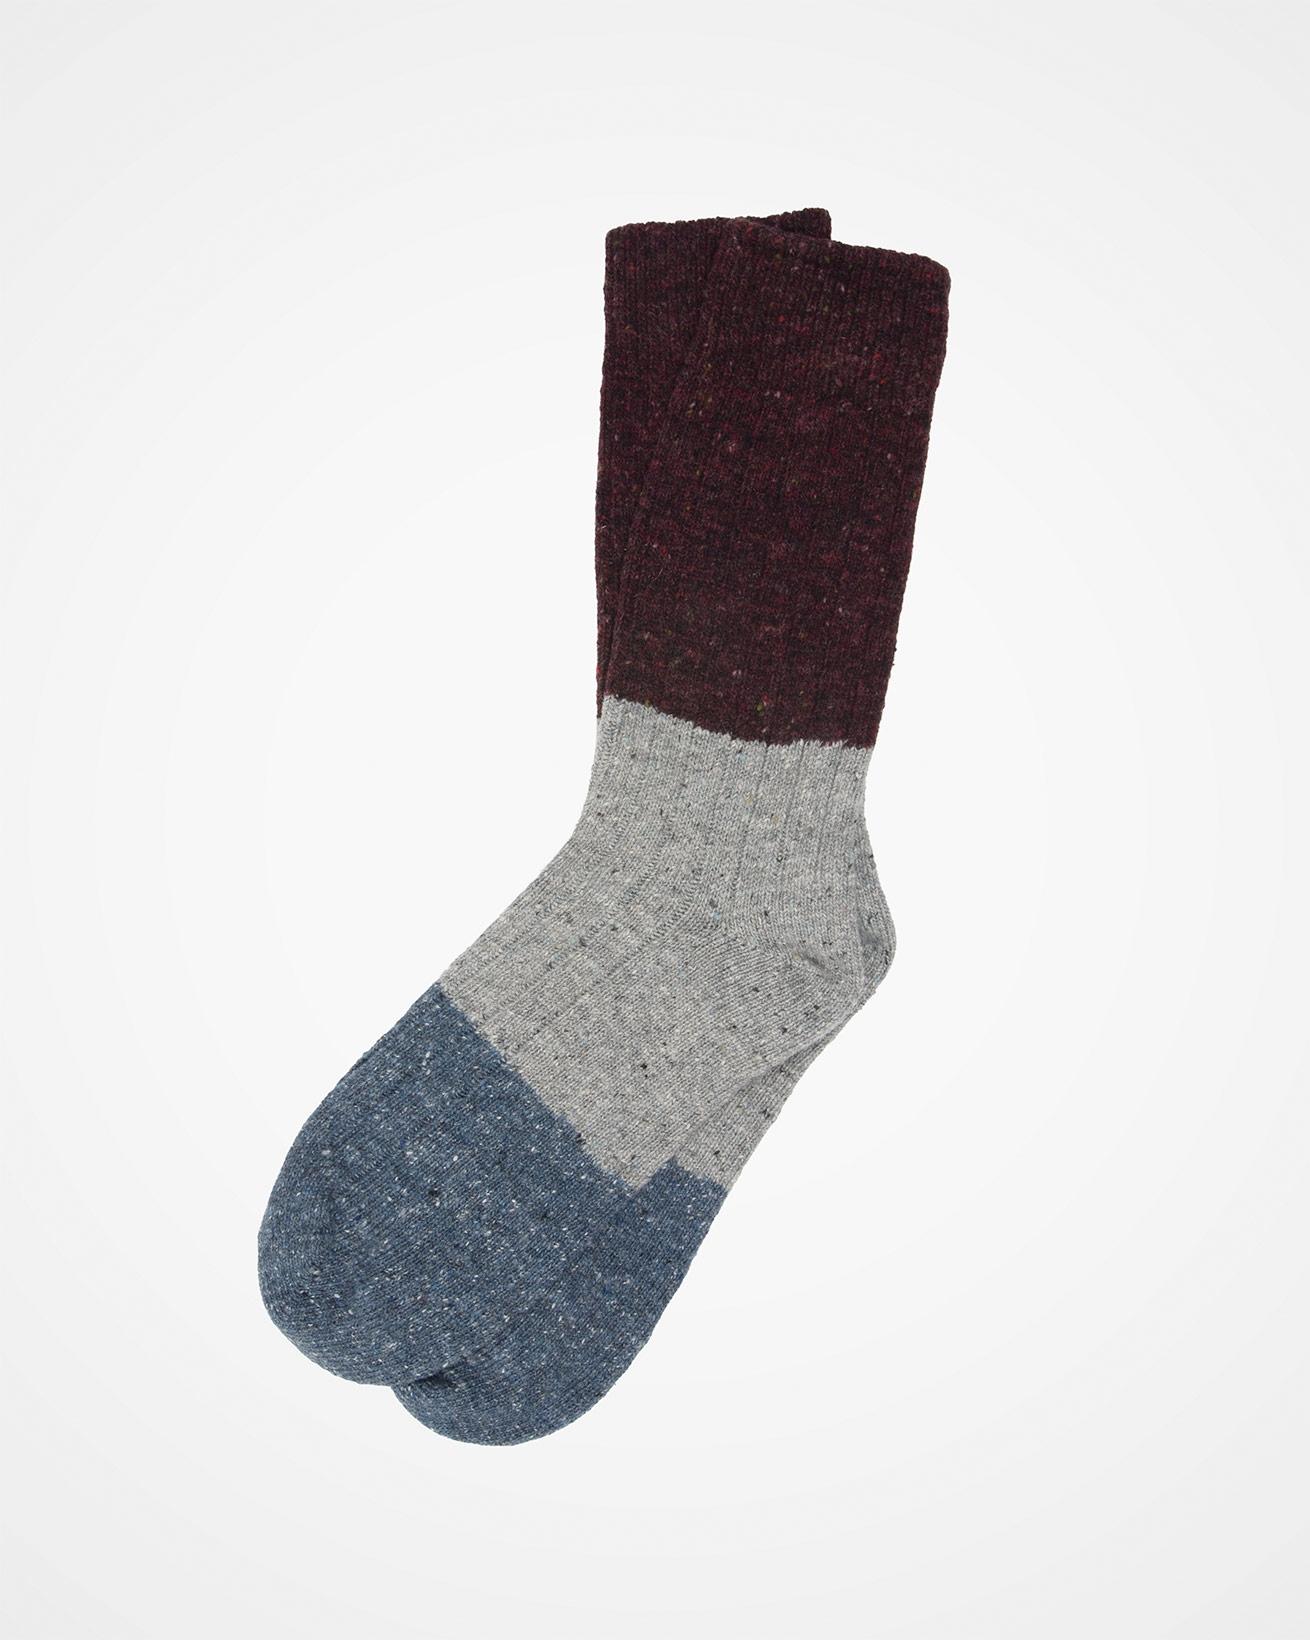 7775_mens-donegal-colourblock-socks_claret_flat.jpg